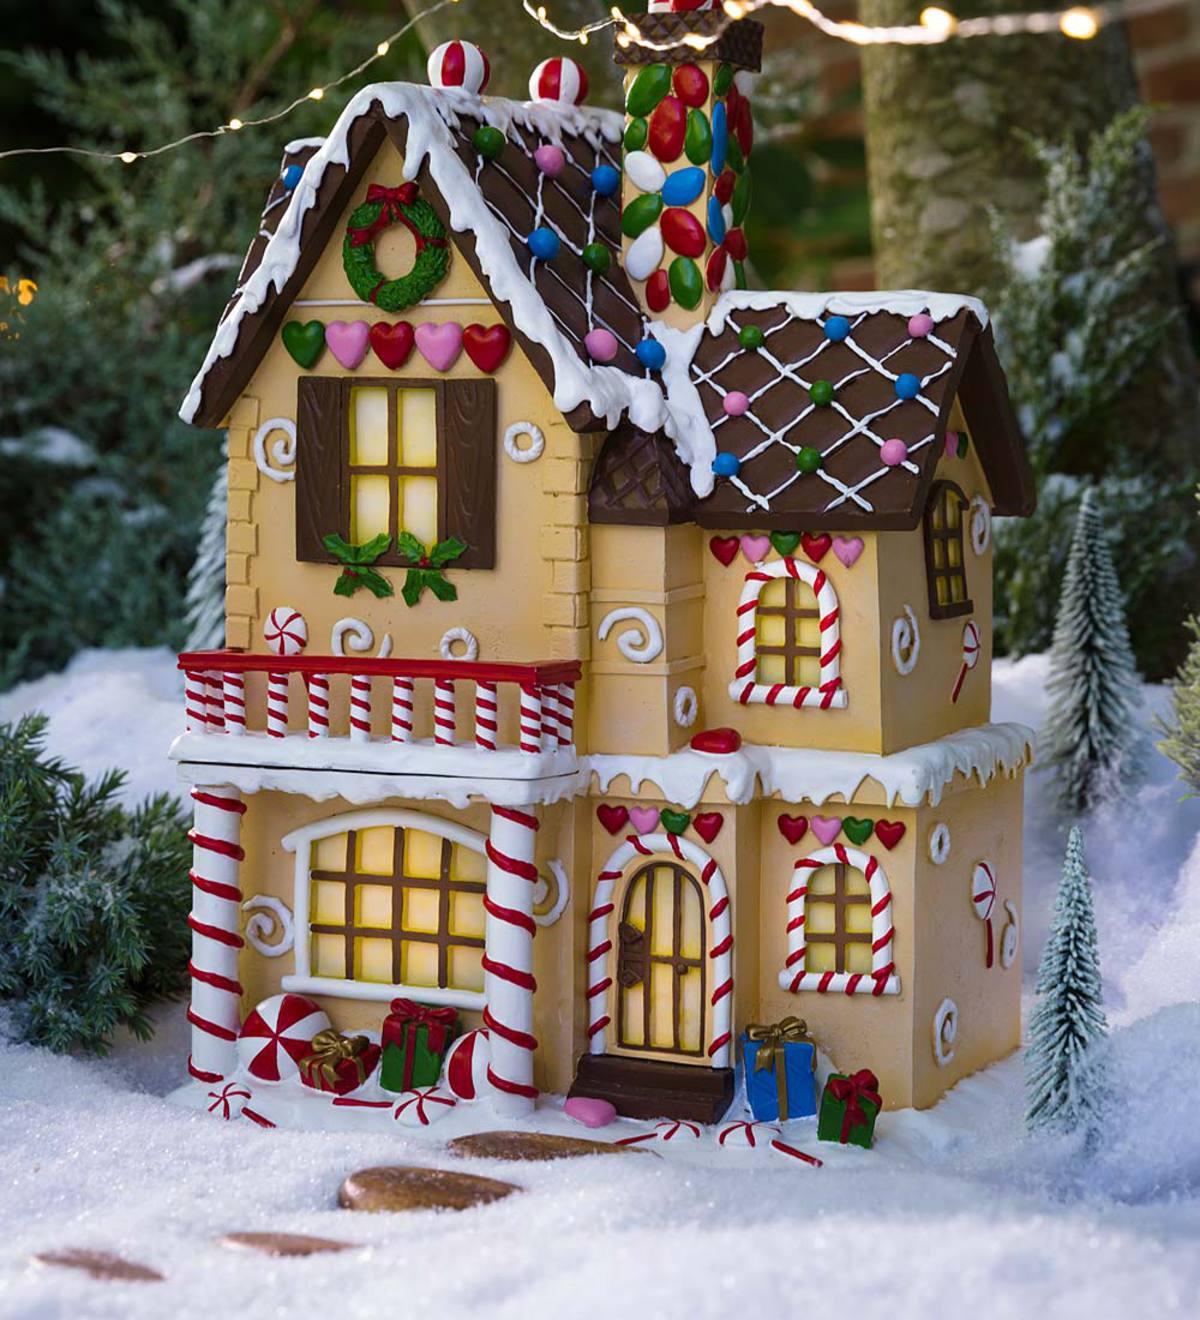 идеи оформления пряничного домика на Новый год и Рождество 2021 фото 7